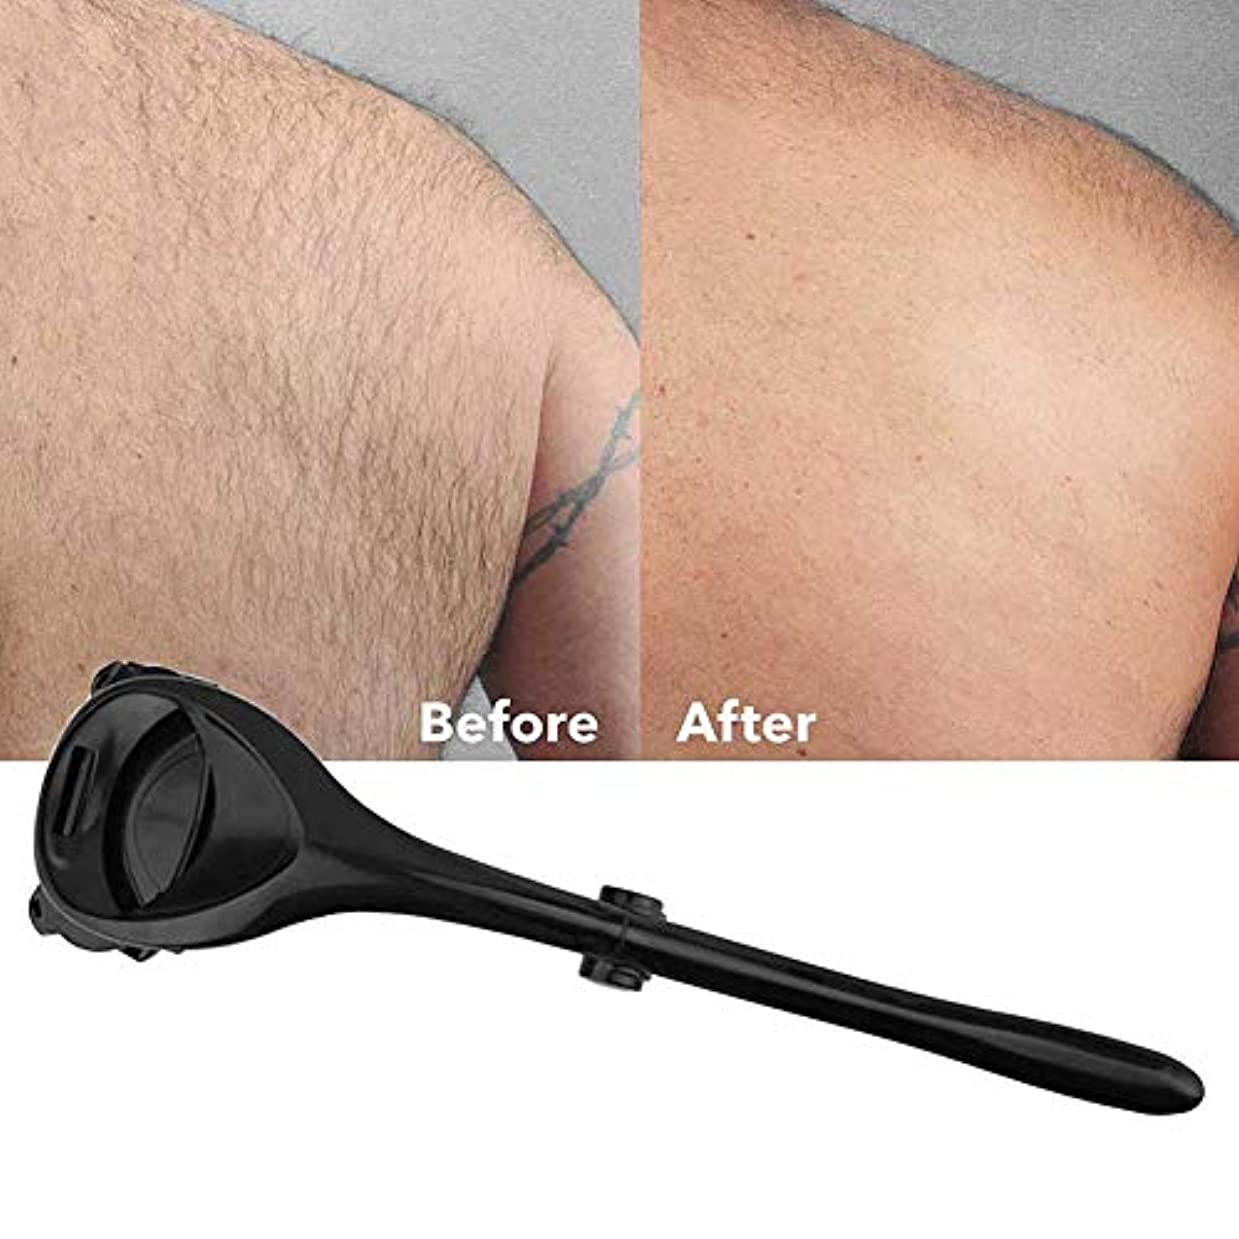 隔離する欲望ログバックシェーバーロング男性の女性のための脱毛戻る髪レイザーパーソナル無痛体毛トリマーハンドル